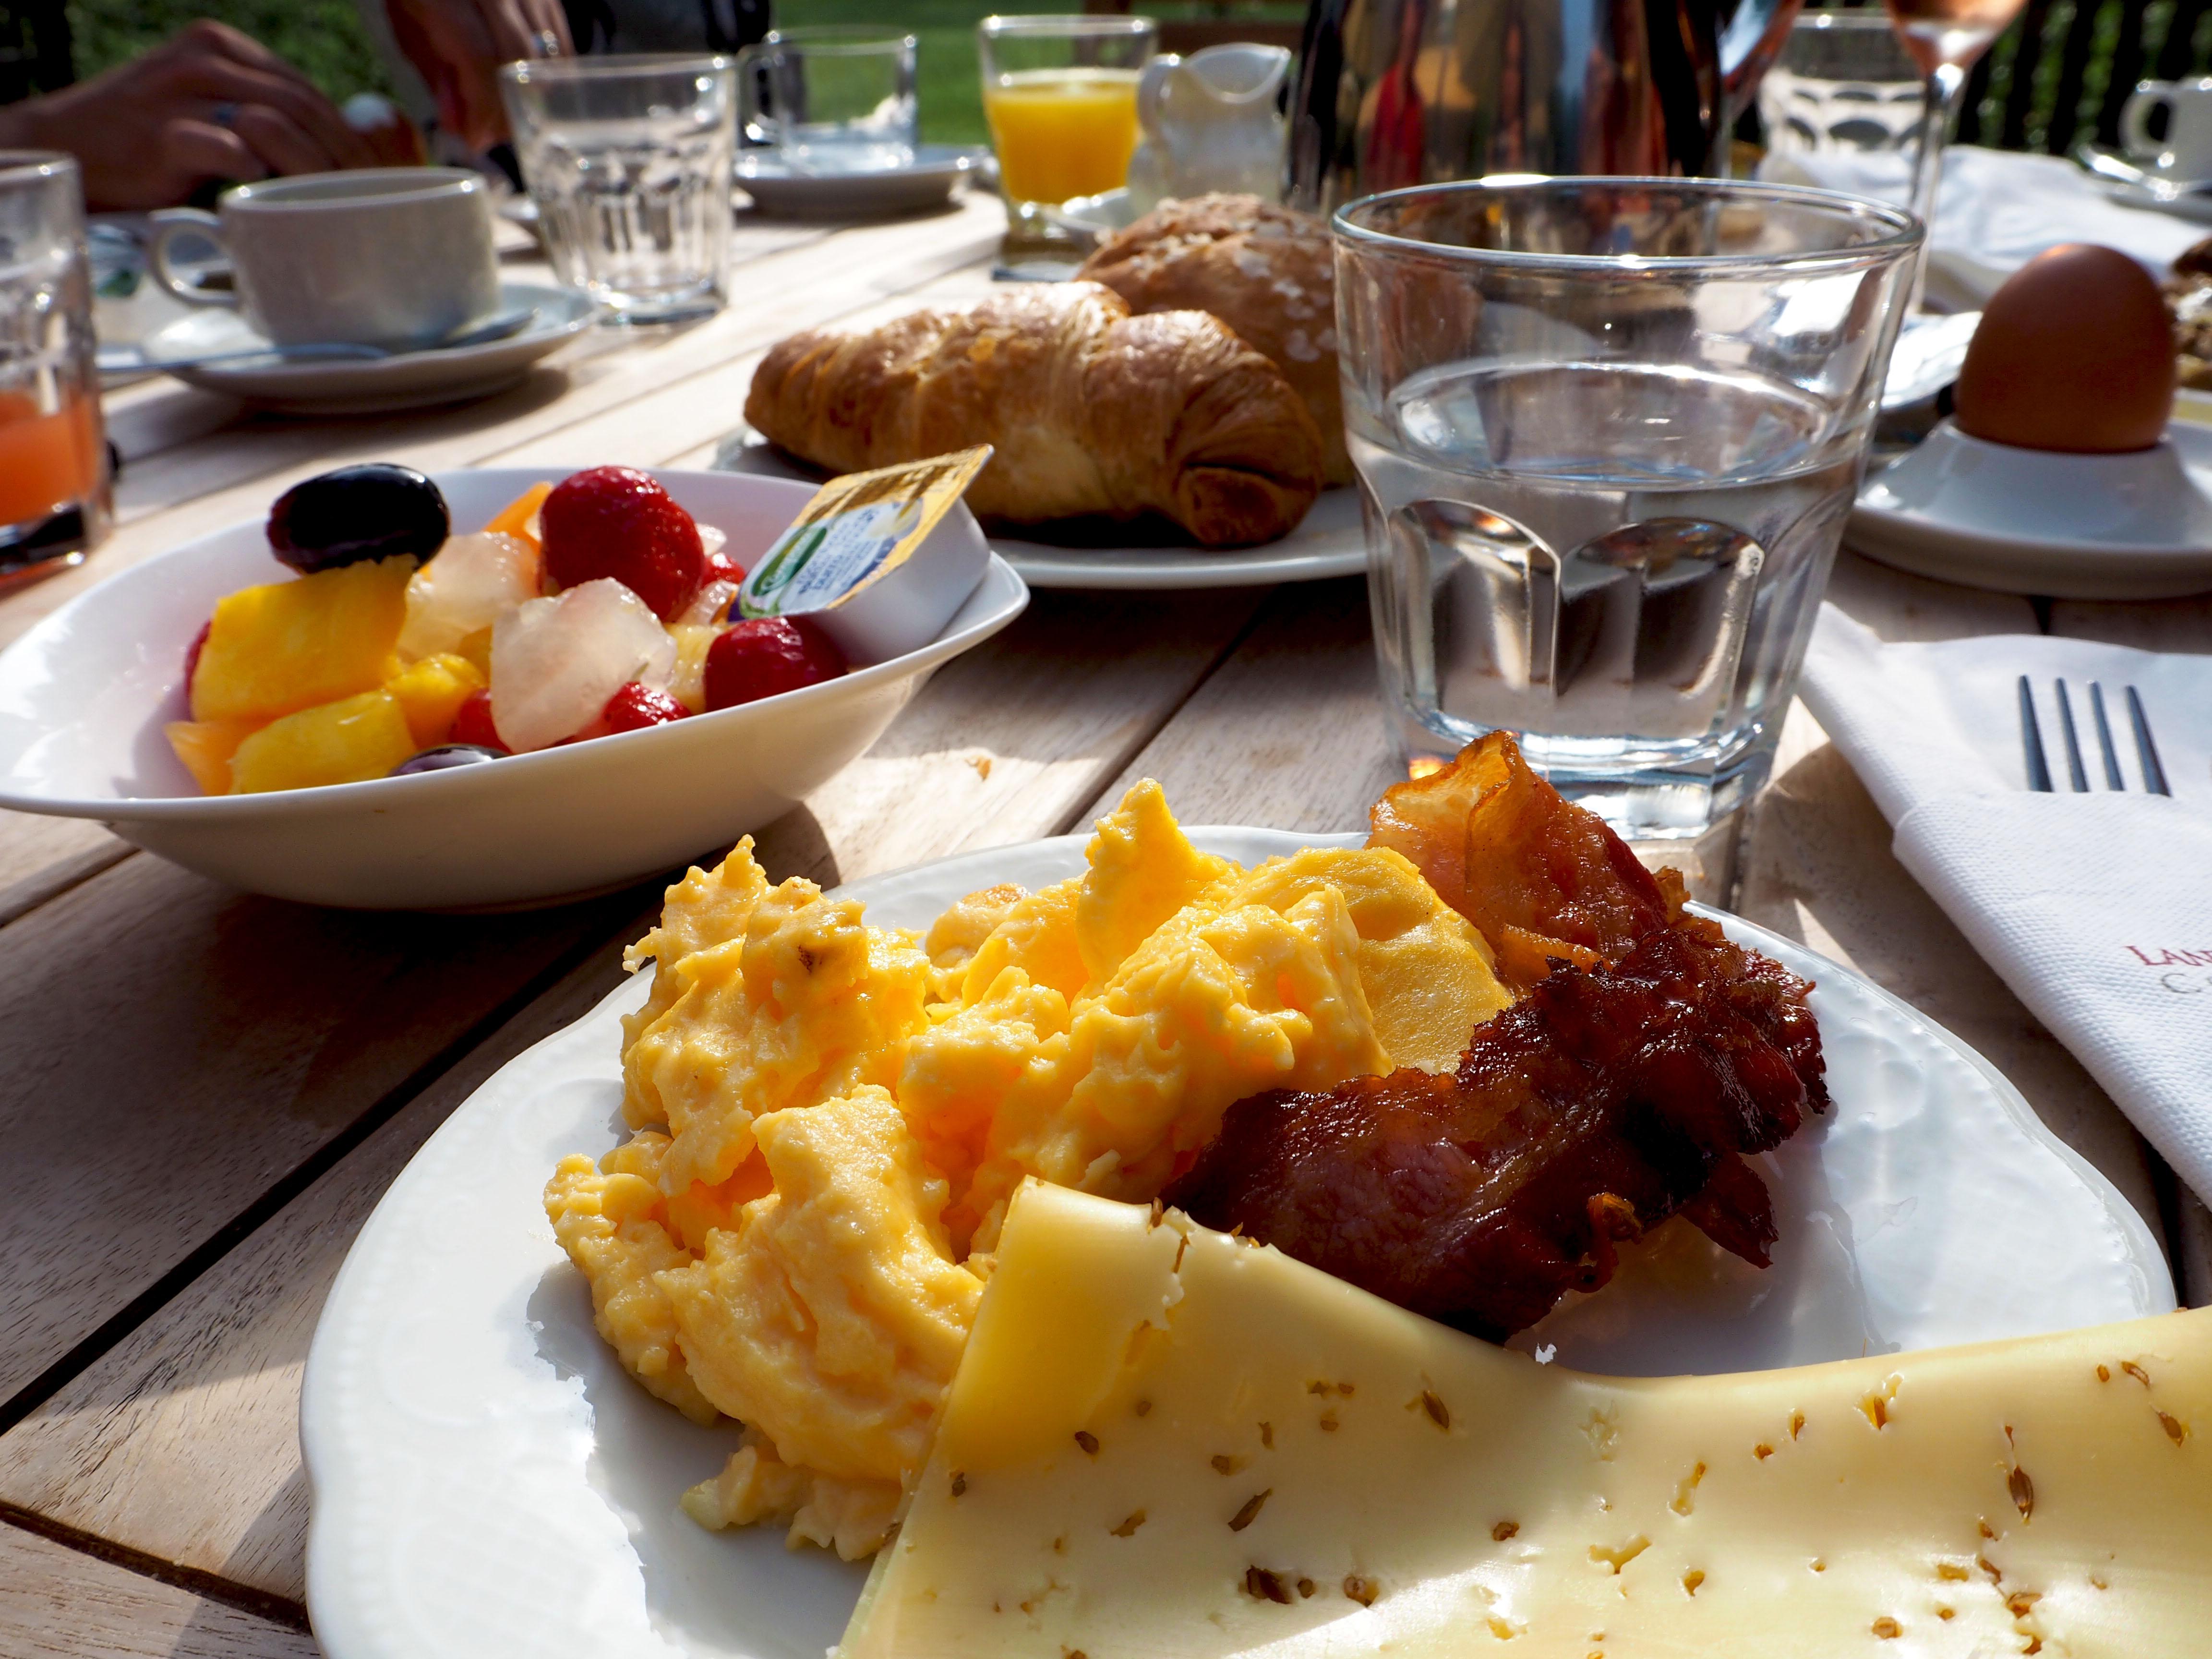 ontbijt buffet landgoed huize bergen vught